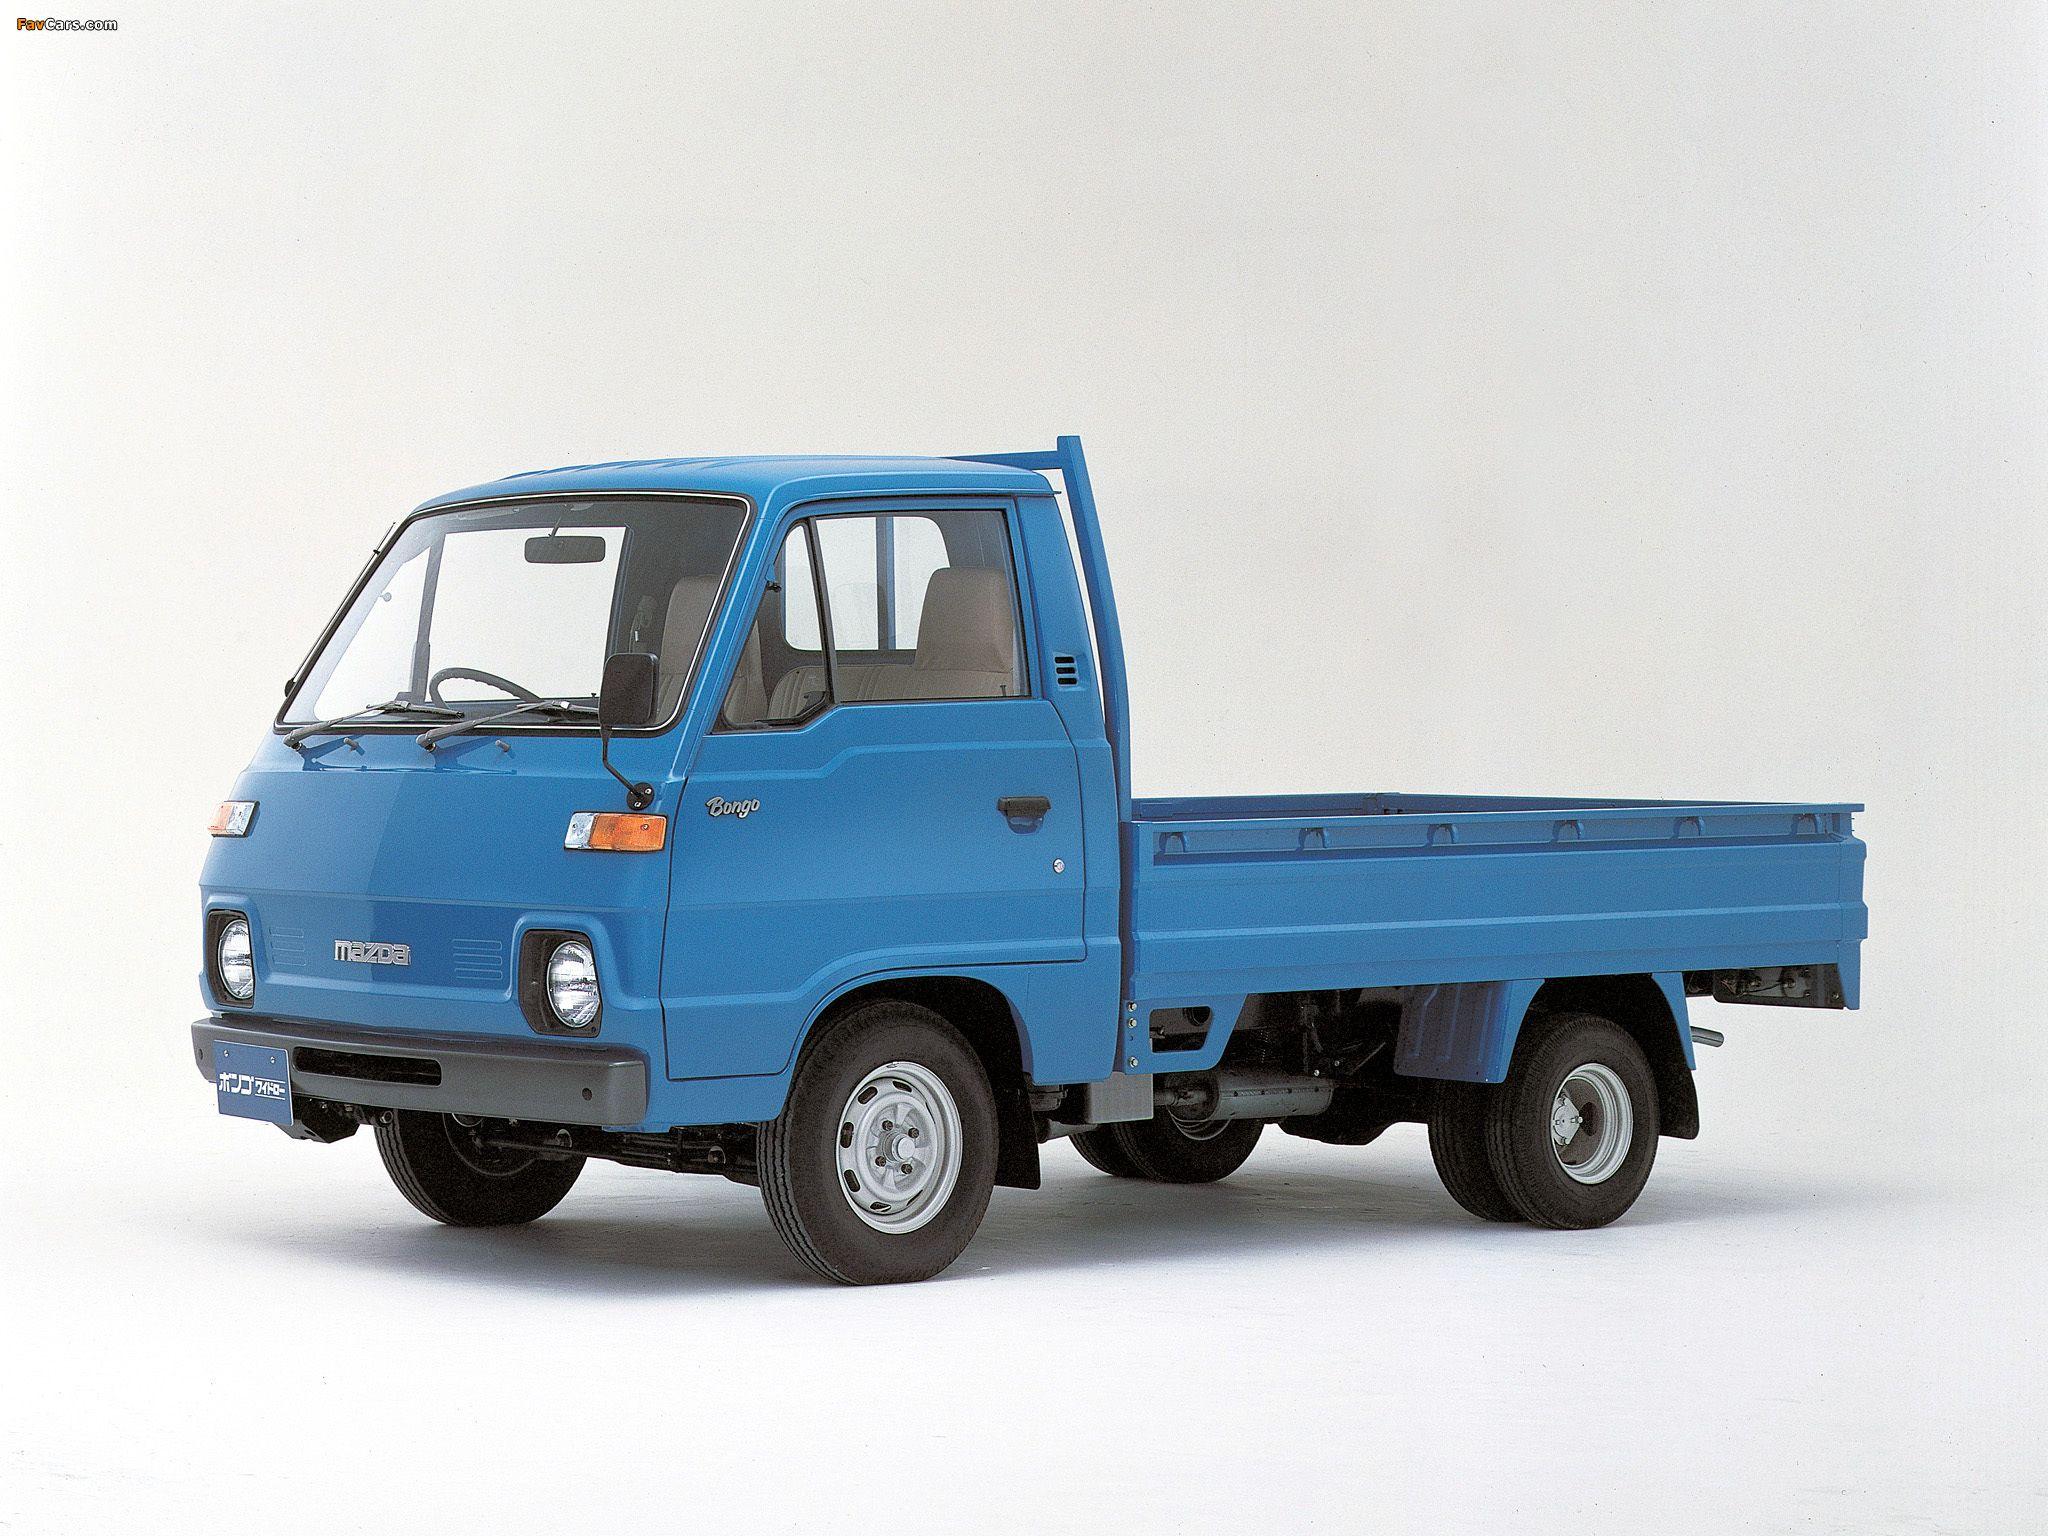 1979 Mazda Bongo | マツダ, トラック